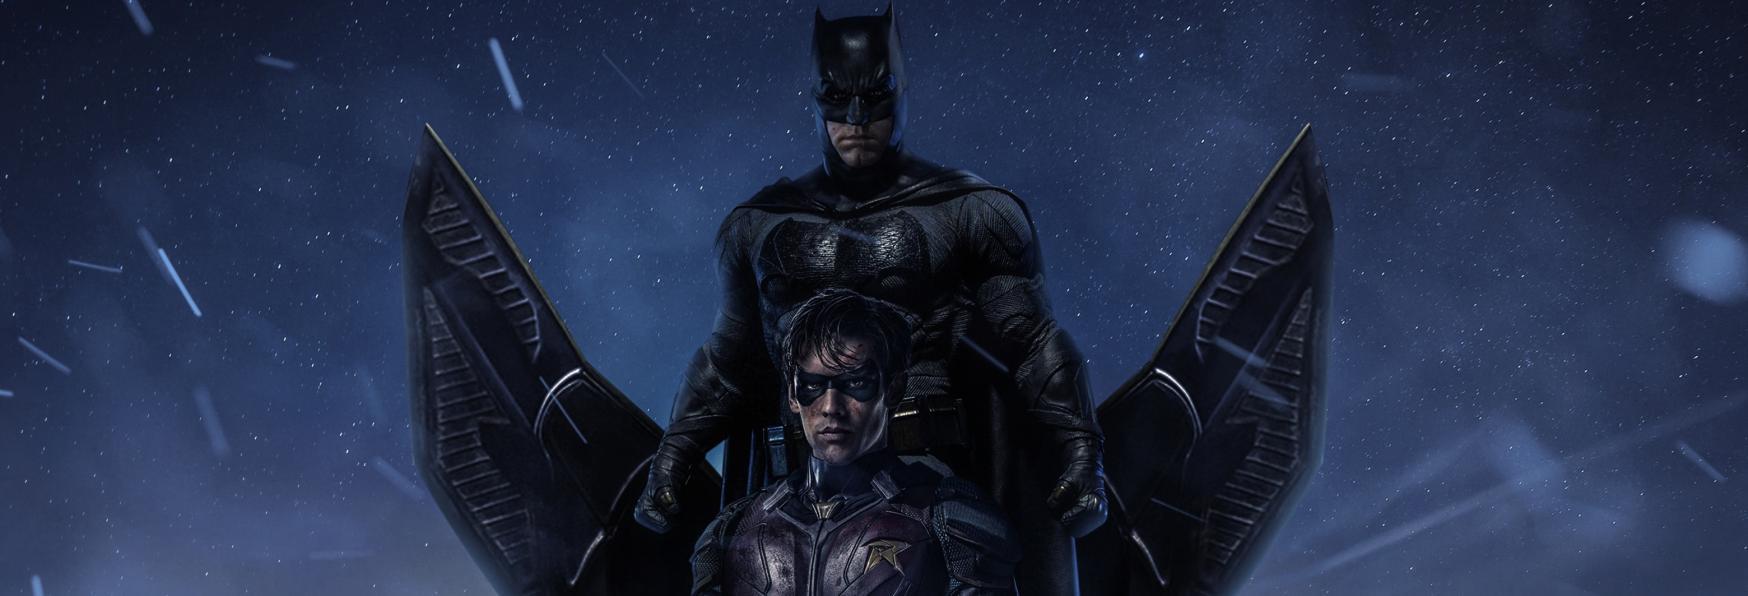 Titans: nella Seconda Stagione della Serie, ulteriori Dettagli su Batman